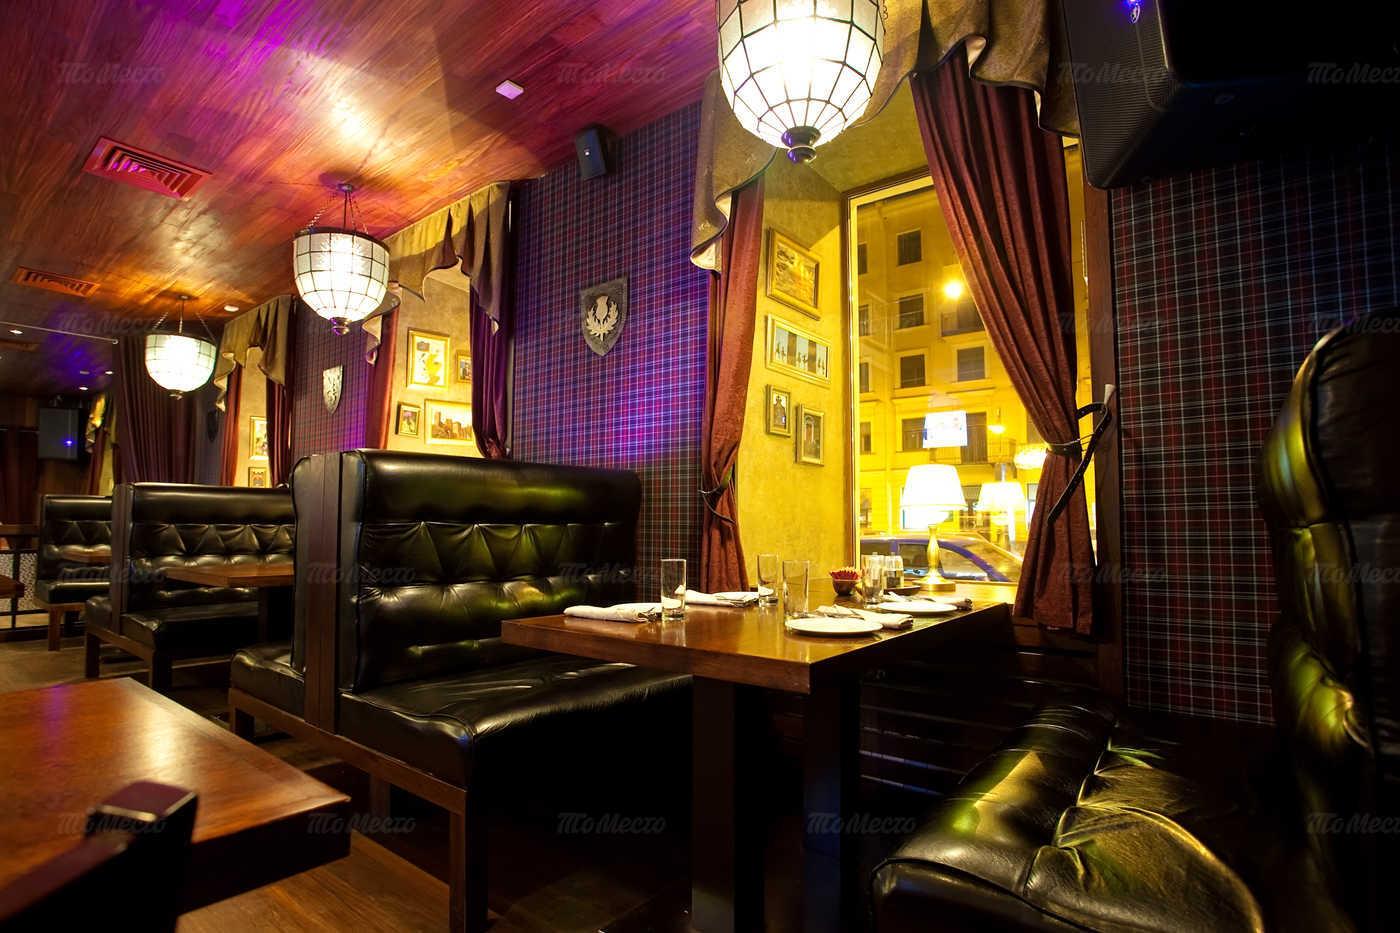 Банкетный зал пивного ресторана Abeerdeen (Абердин) на Литейном проспекте фото 5